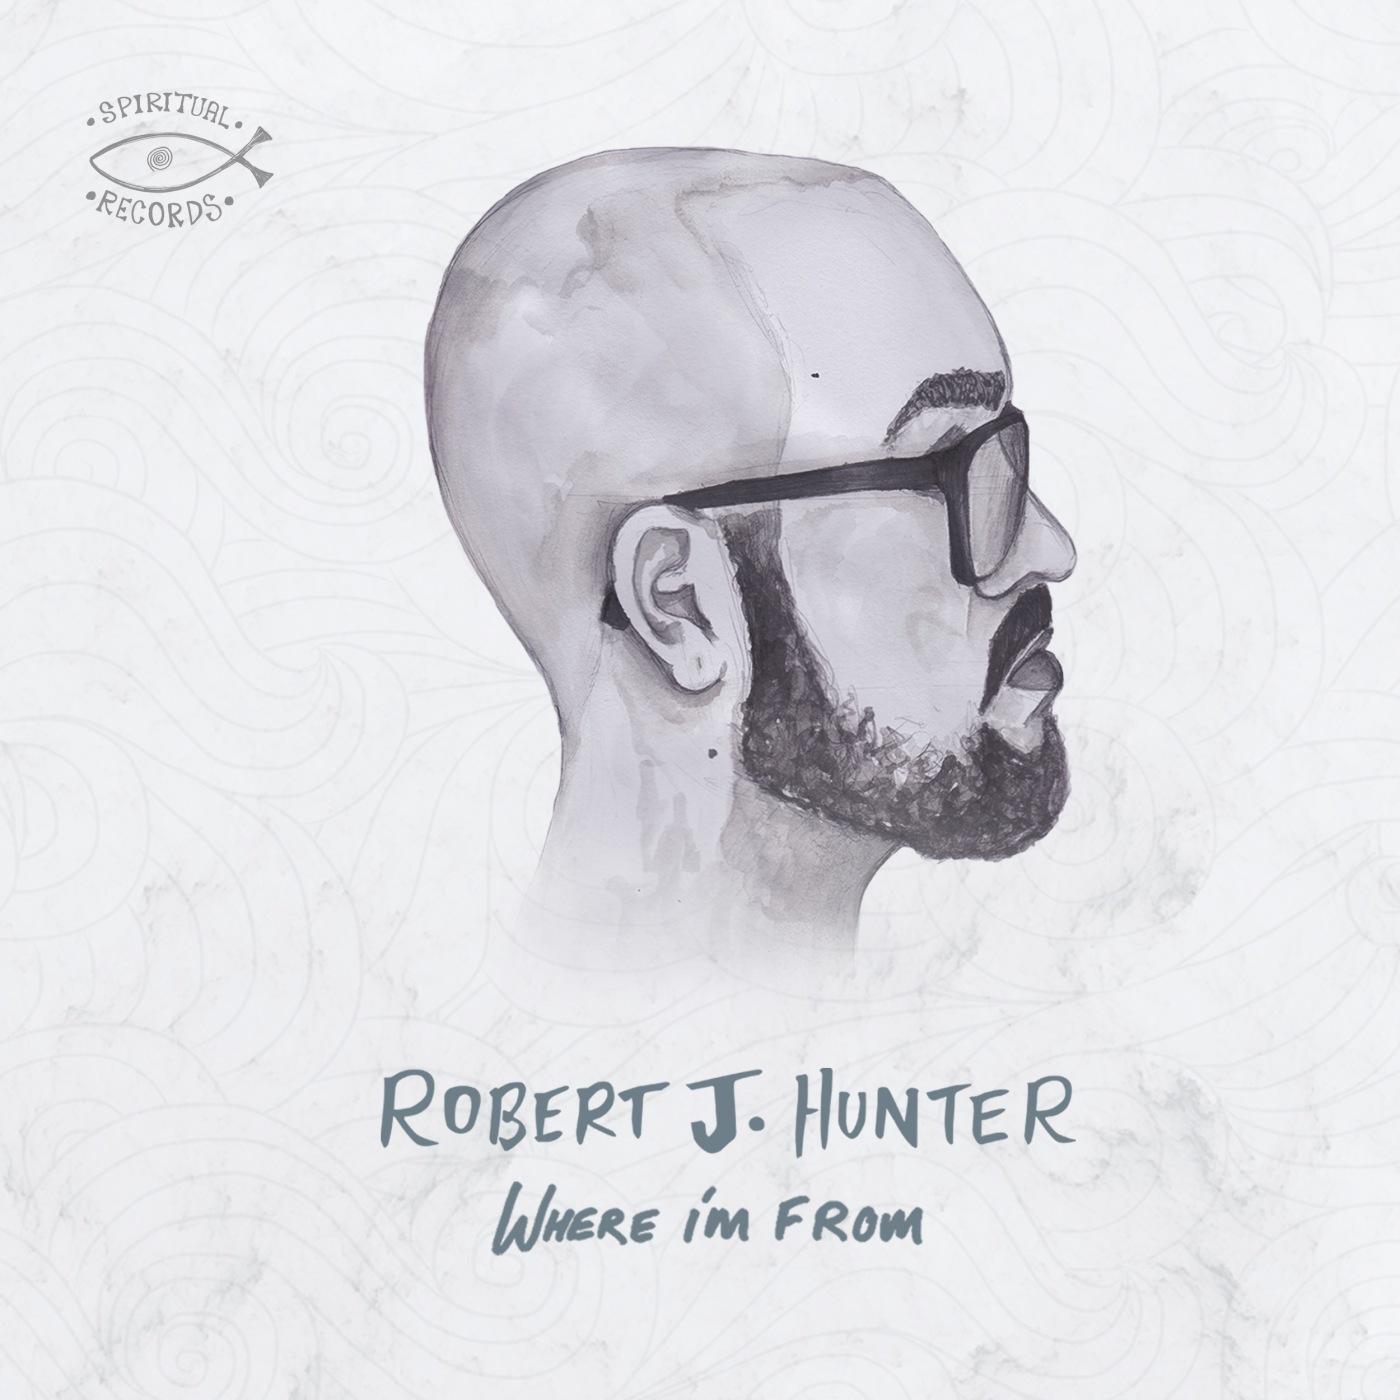 Robert J. Hunter - Where I'm From cover